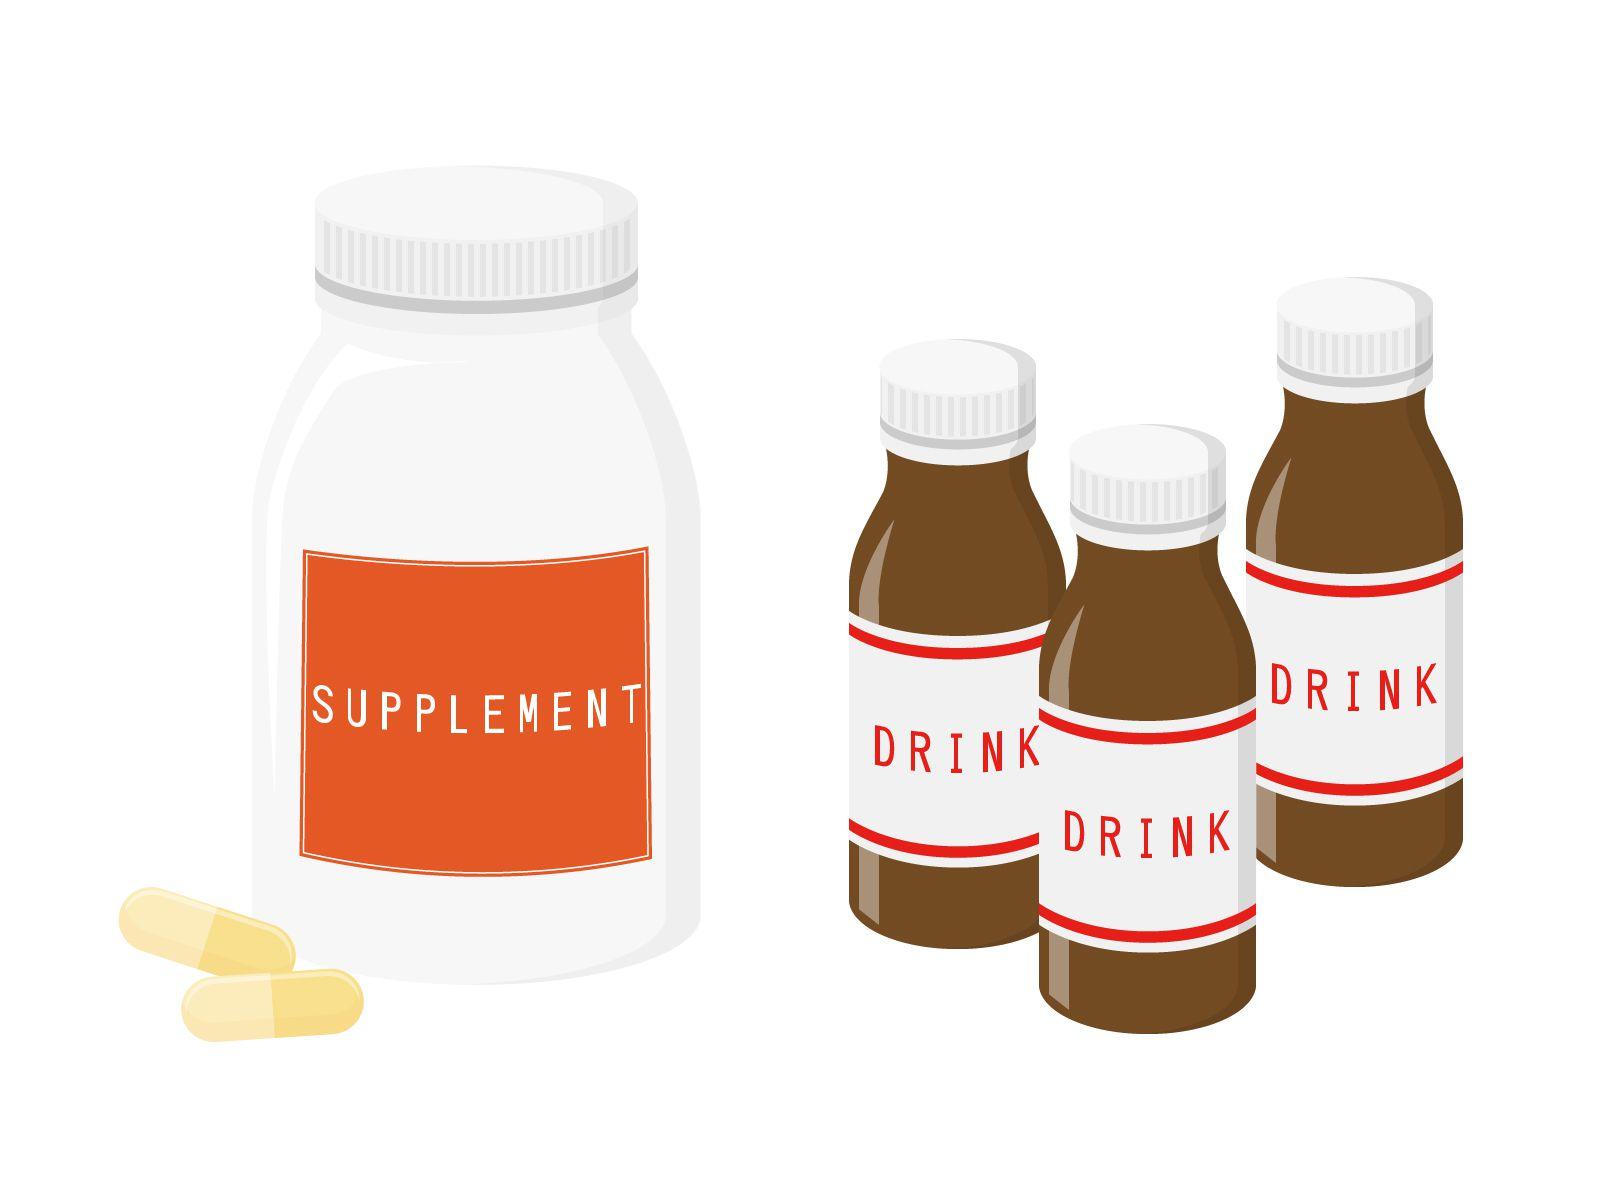 サプリメントは、ご飯といっしょにとらないとほとんど効果がない?